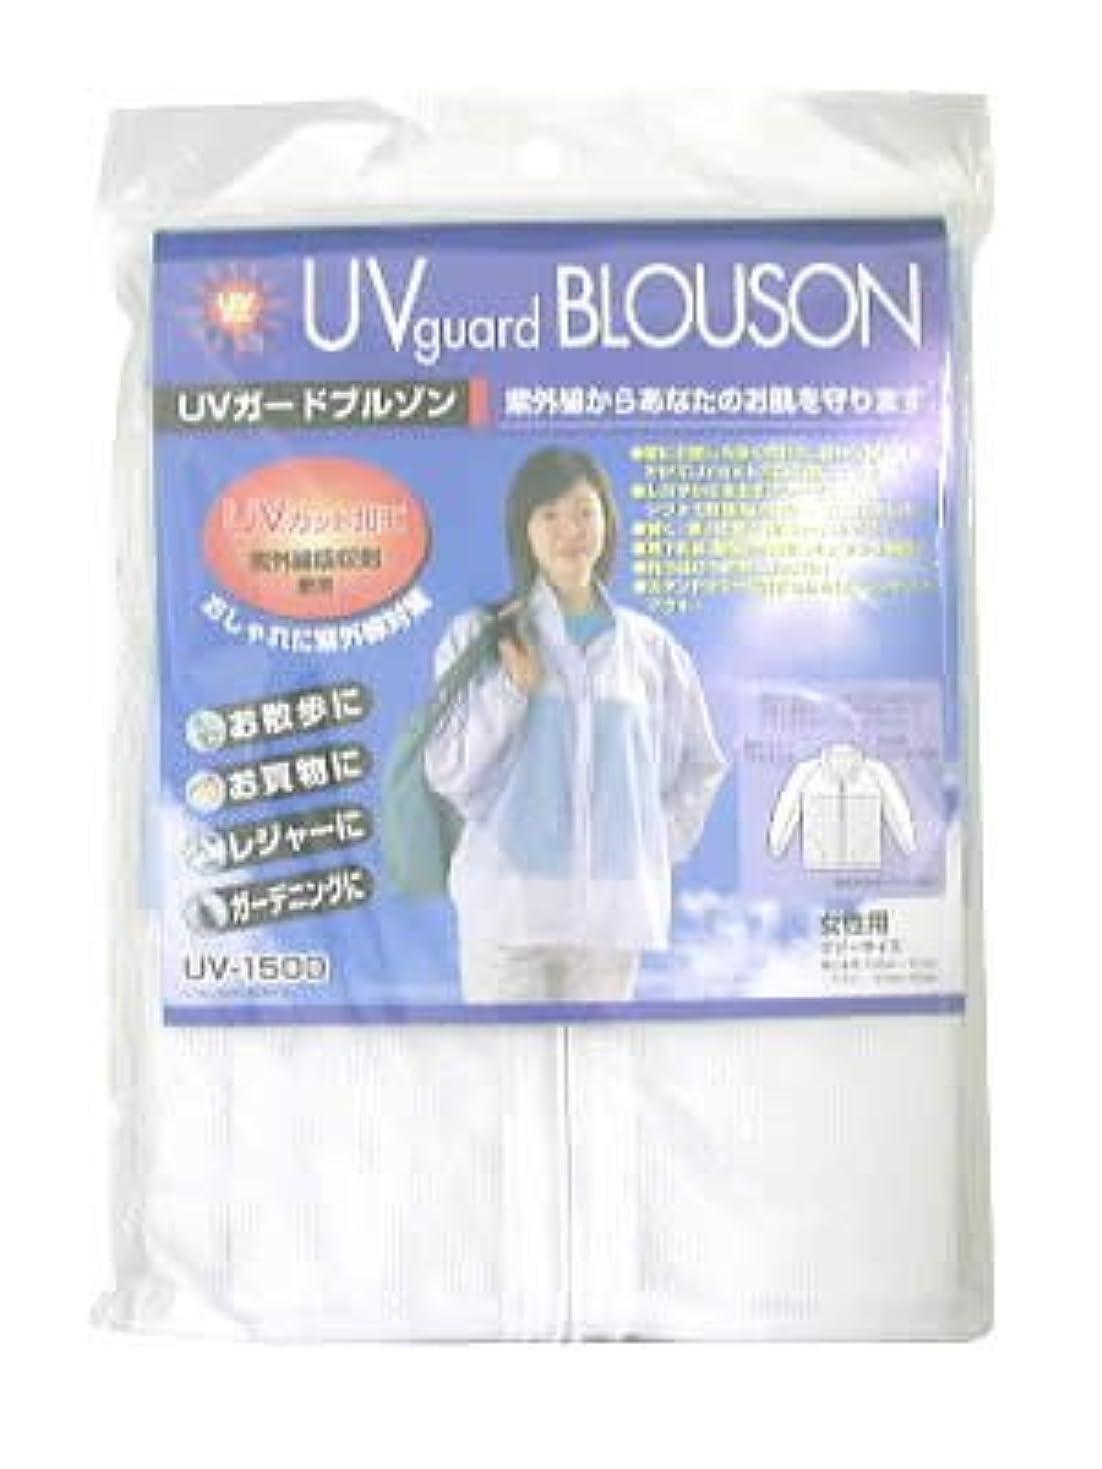 ストライド信頼性のある読書をするUVガードブルゾン (UV-1500)